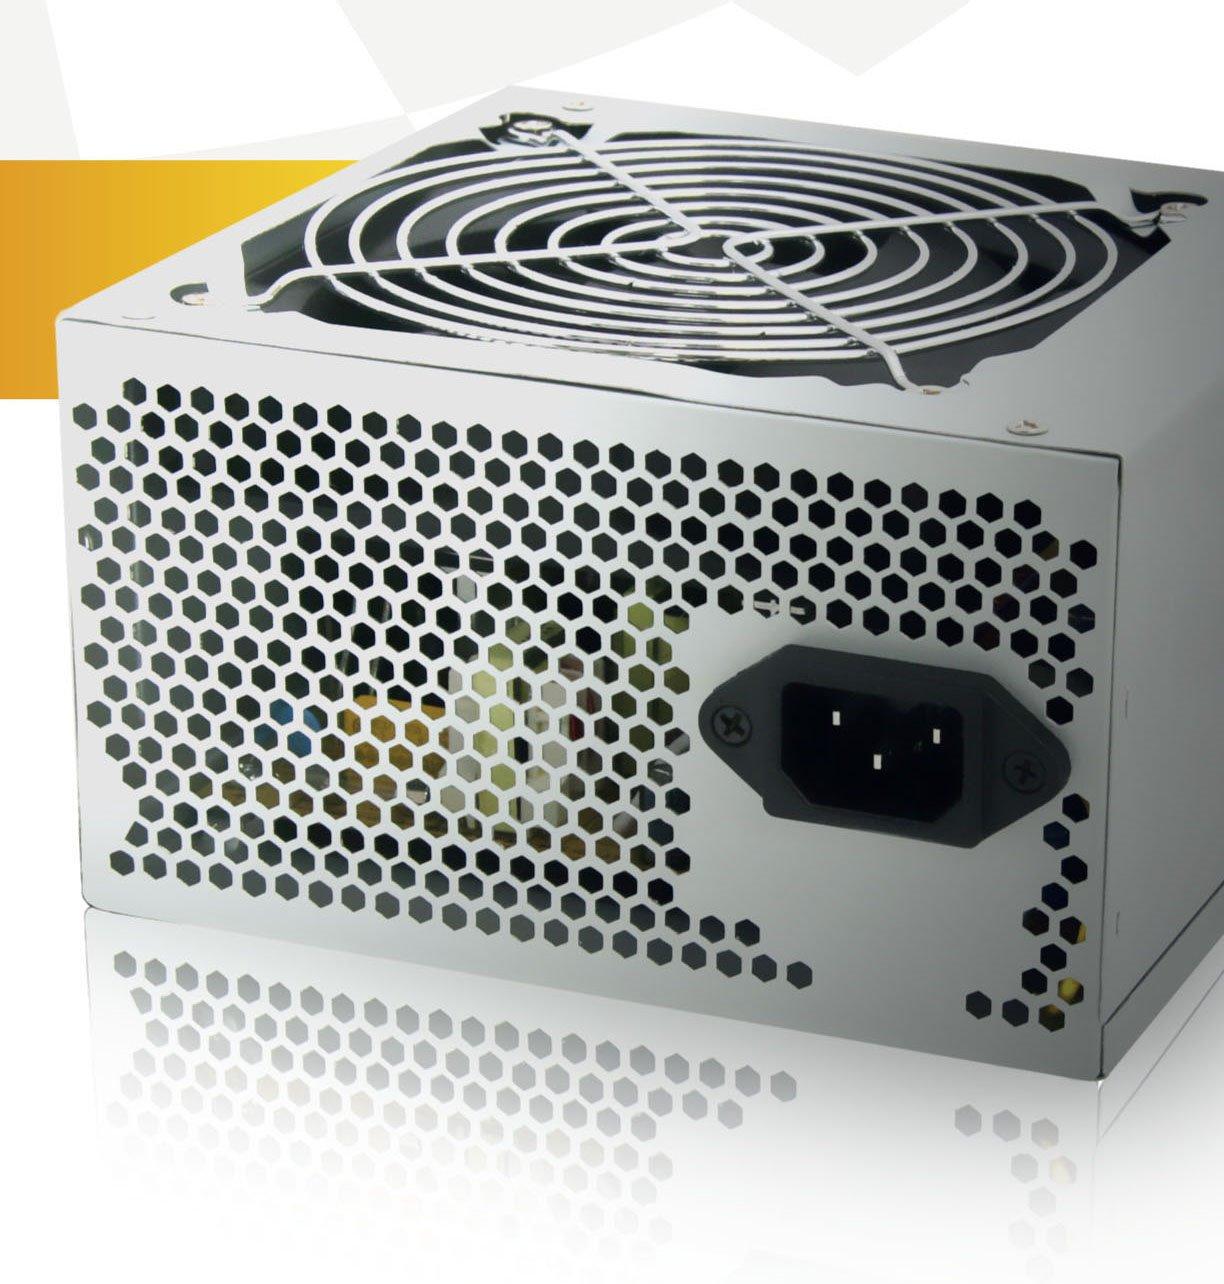 Aywun 800W Retail 120MM Fan Atx Psu 2 Years Warranty. Easy To Install